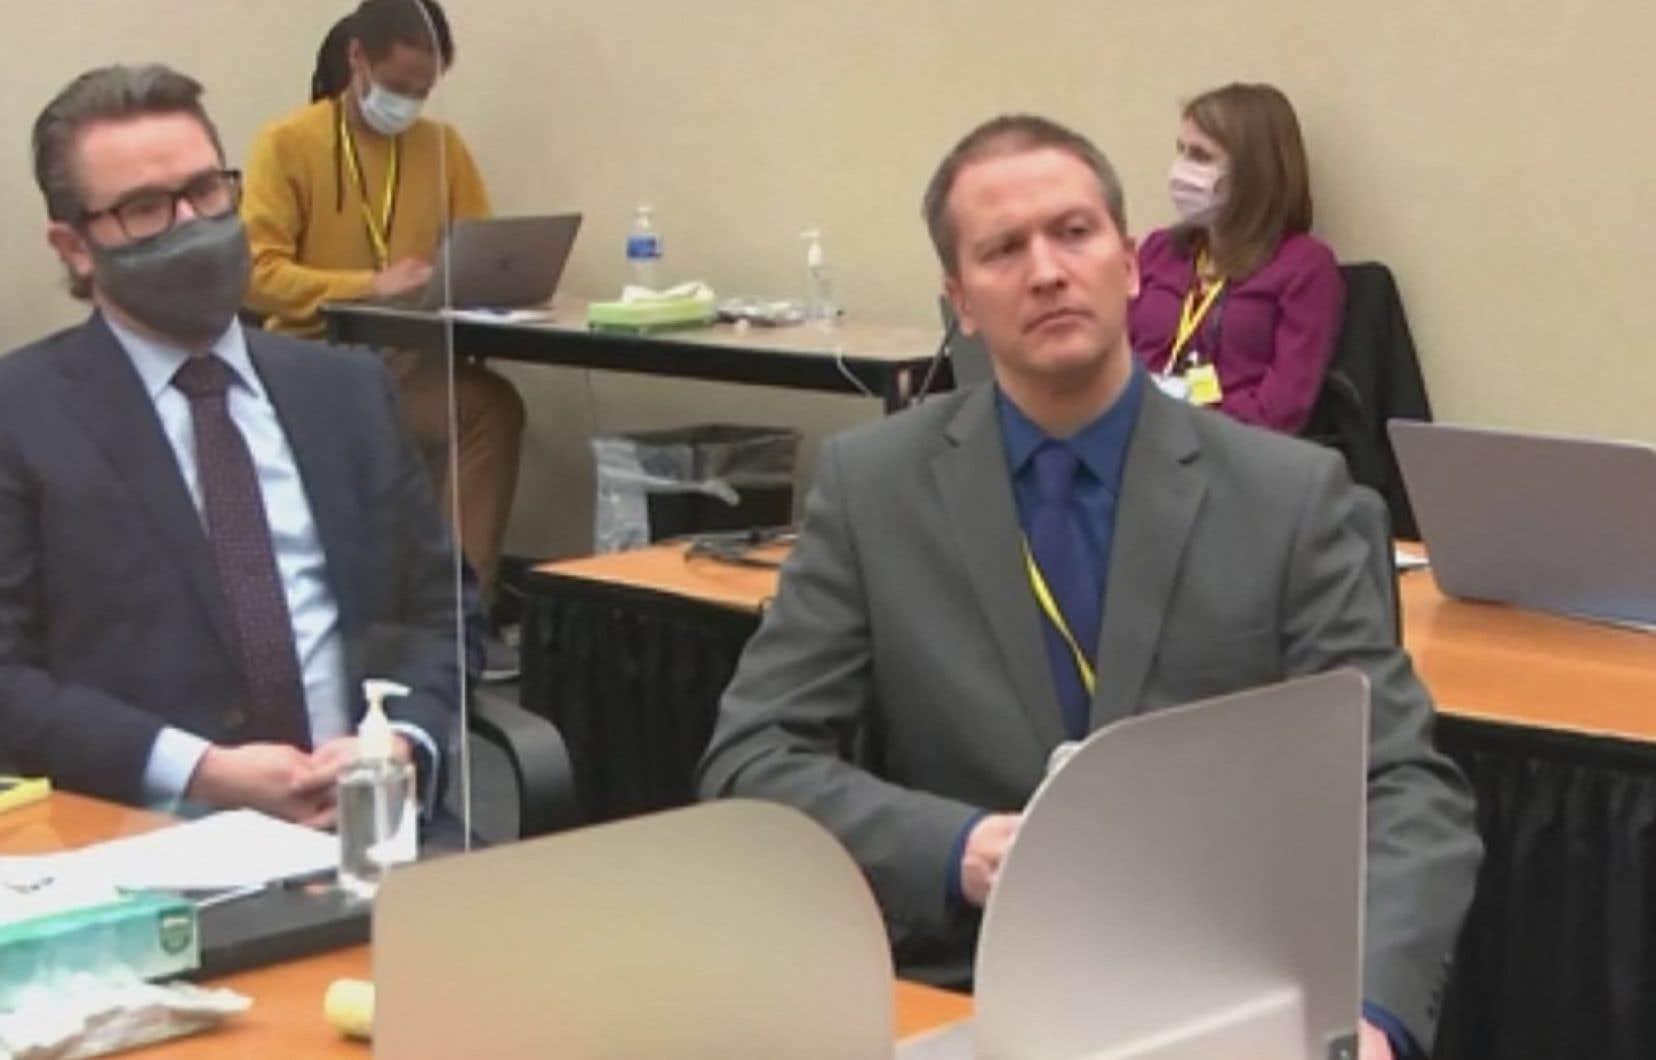 Cette capture d'écran montre l'ancien policier de Minneapolis Derek Chauvin (à droite), accusé d'avoir tué George Floyd, s'adressant au tribunal le 15 avril 2021.